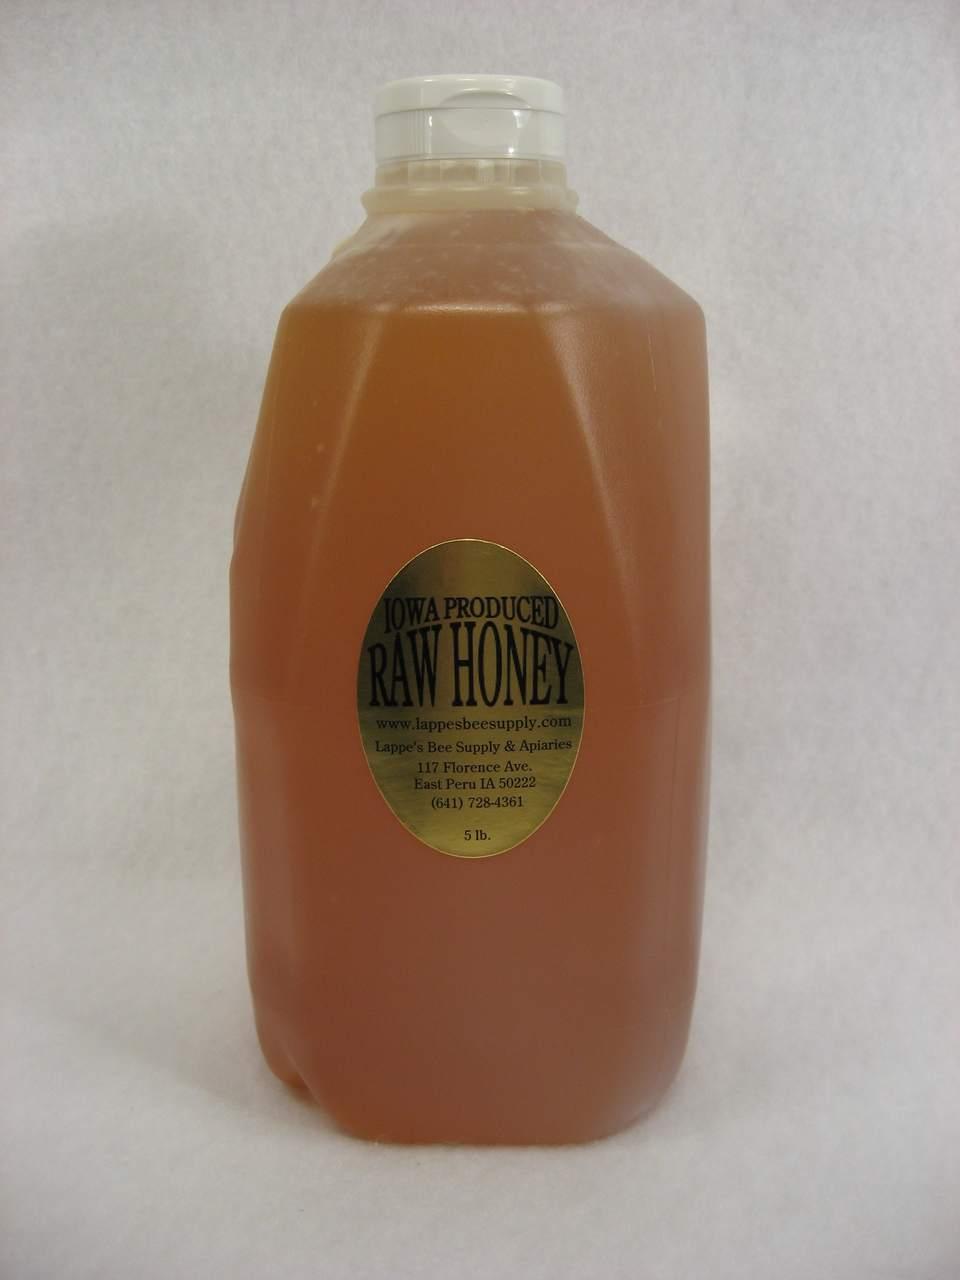 5 lb. Iowa produced raw honey